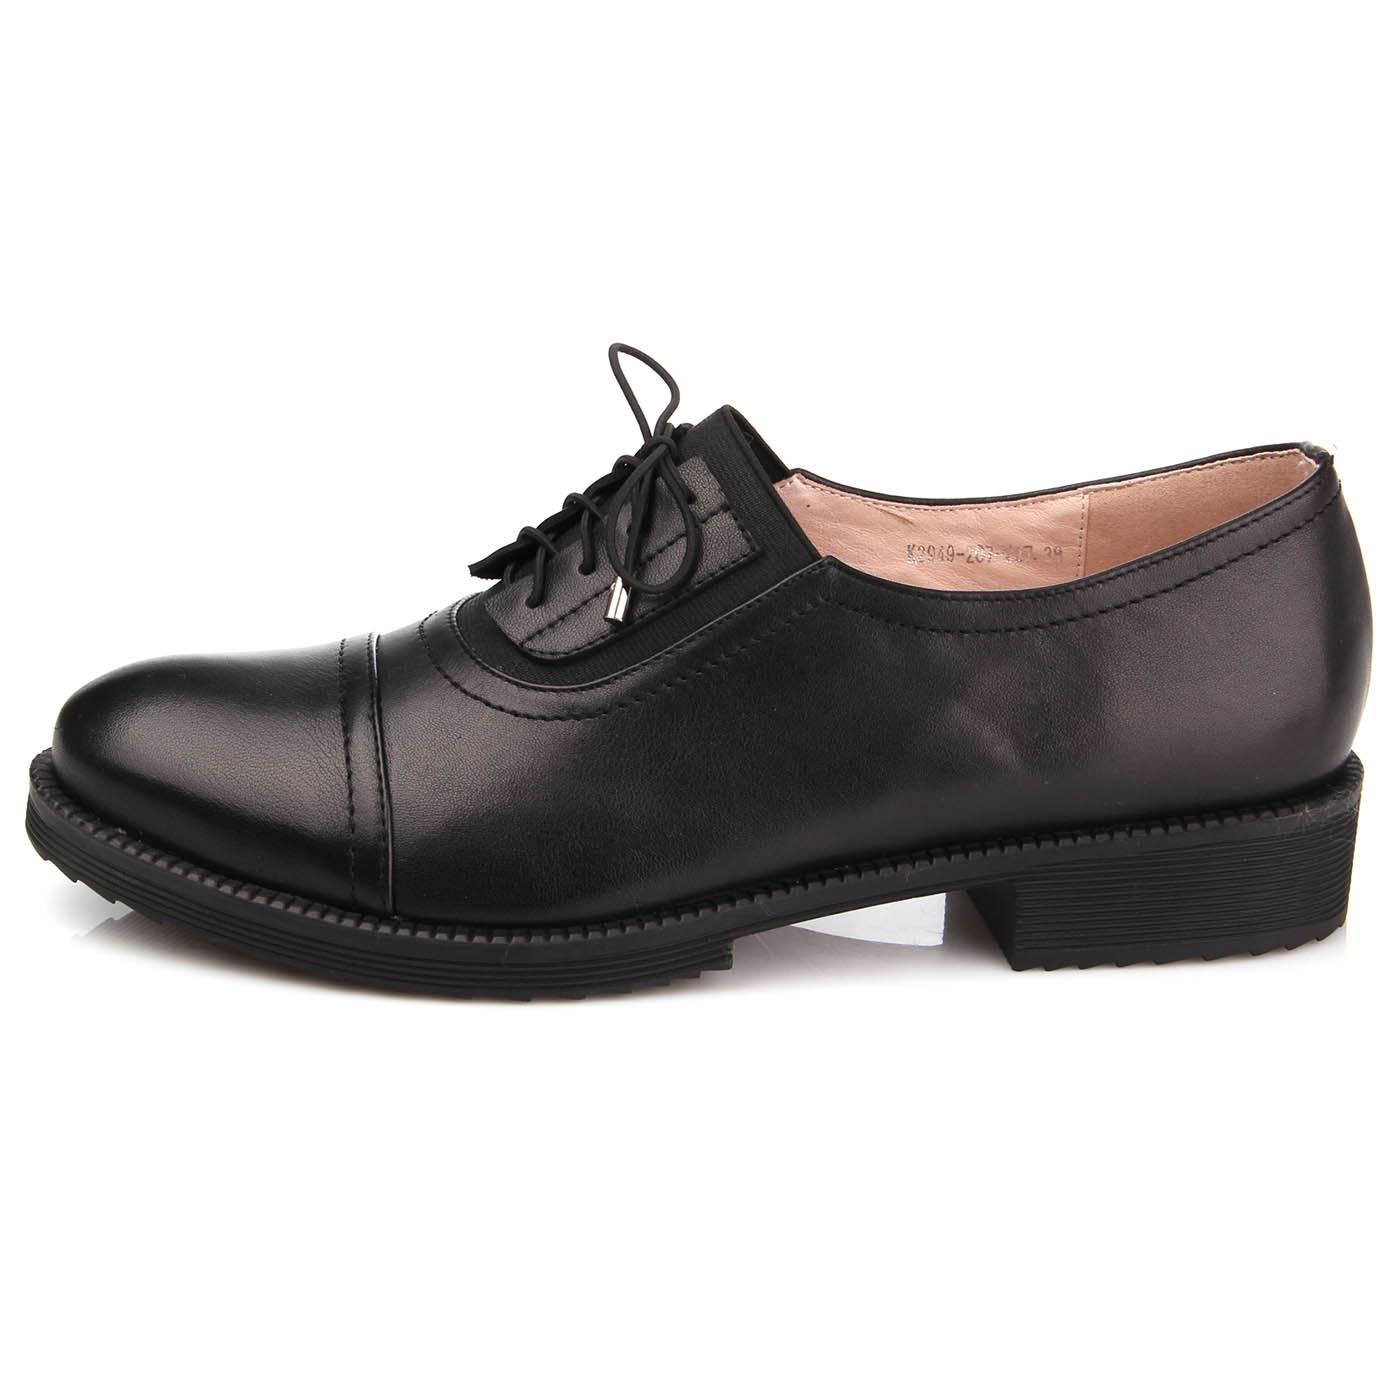 Туфлі жіночі ditto 6857 Чорний купить по выгодной цене в интернет ... 71433863a7084